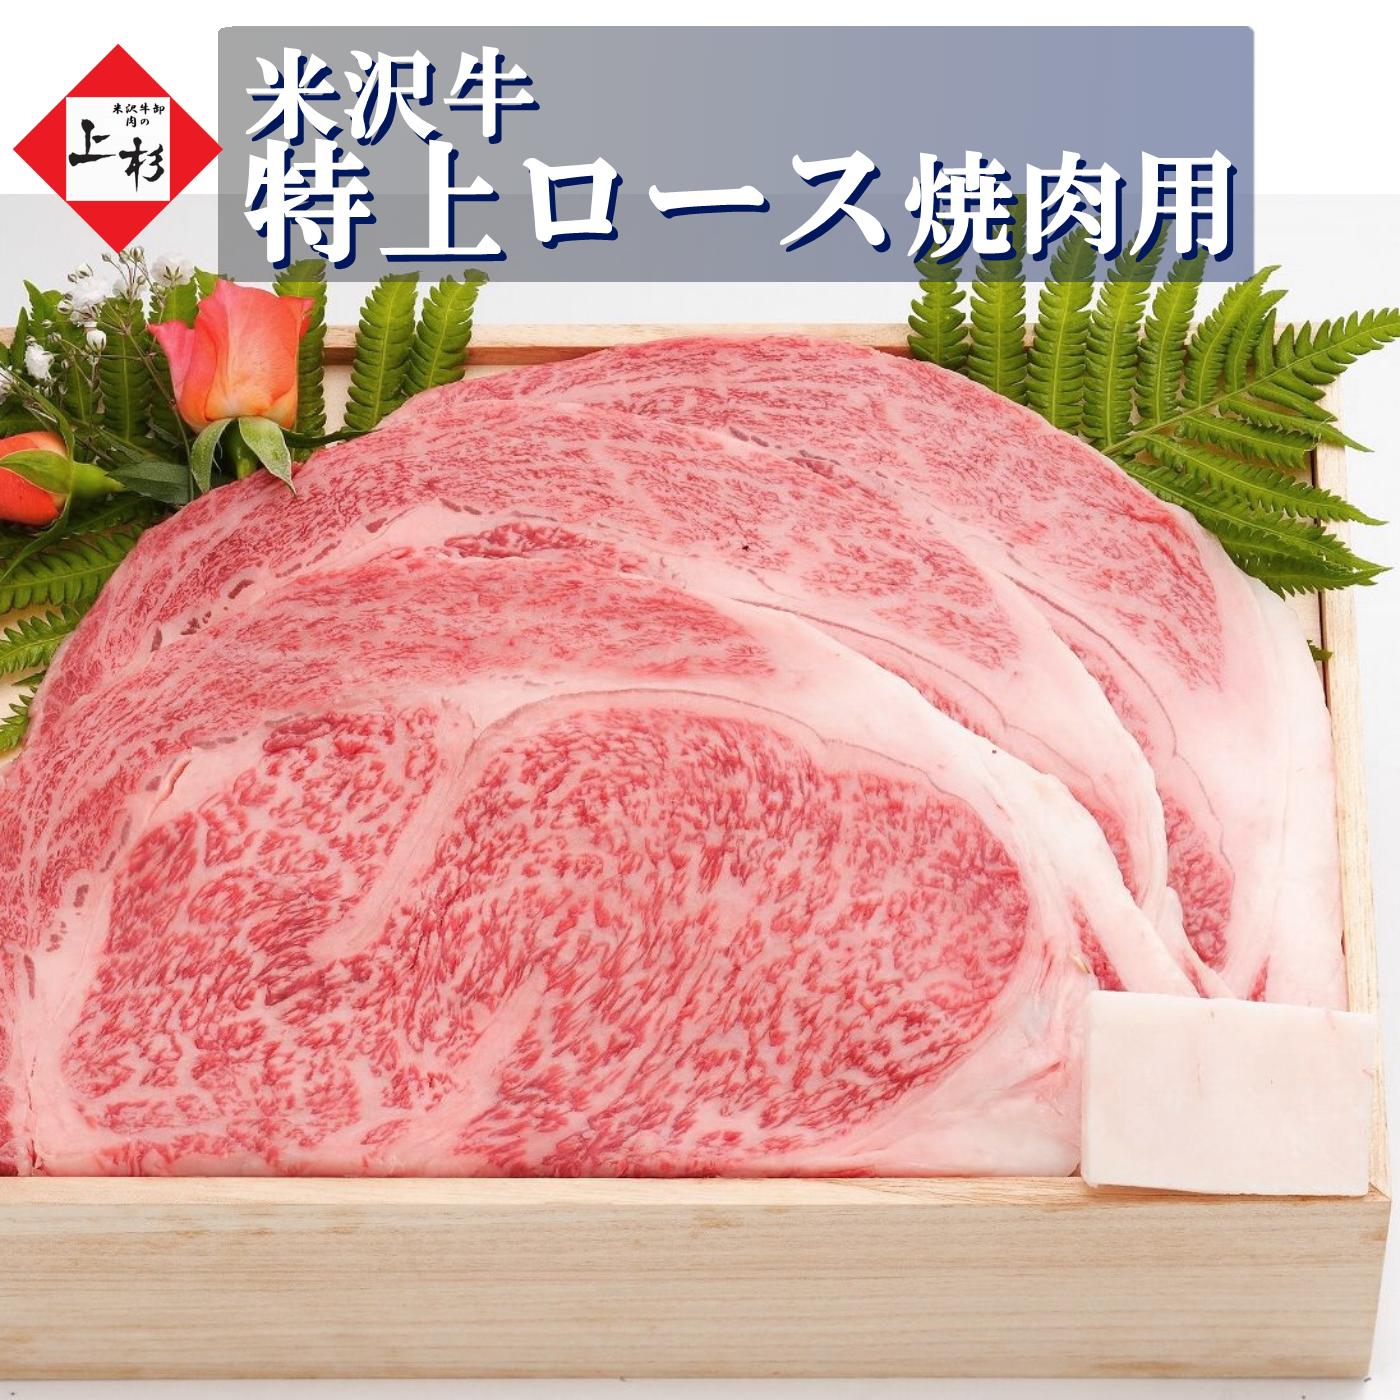 米沢牛 焼肉 リブロース 800g 米沢牛入りハンバーグ付き 送料無料 ギフト用化粧箱 米澤牛 牛肉 黒毛和牛 国産牛 銘柄牛